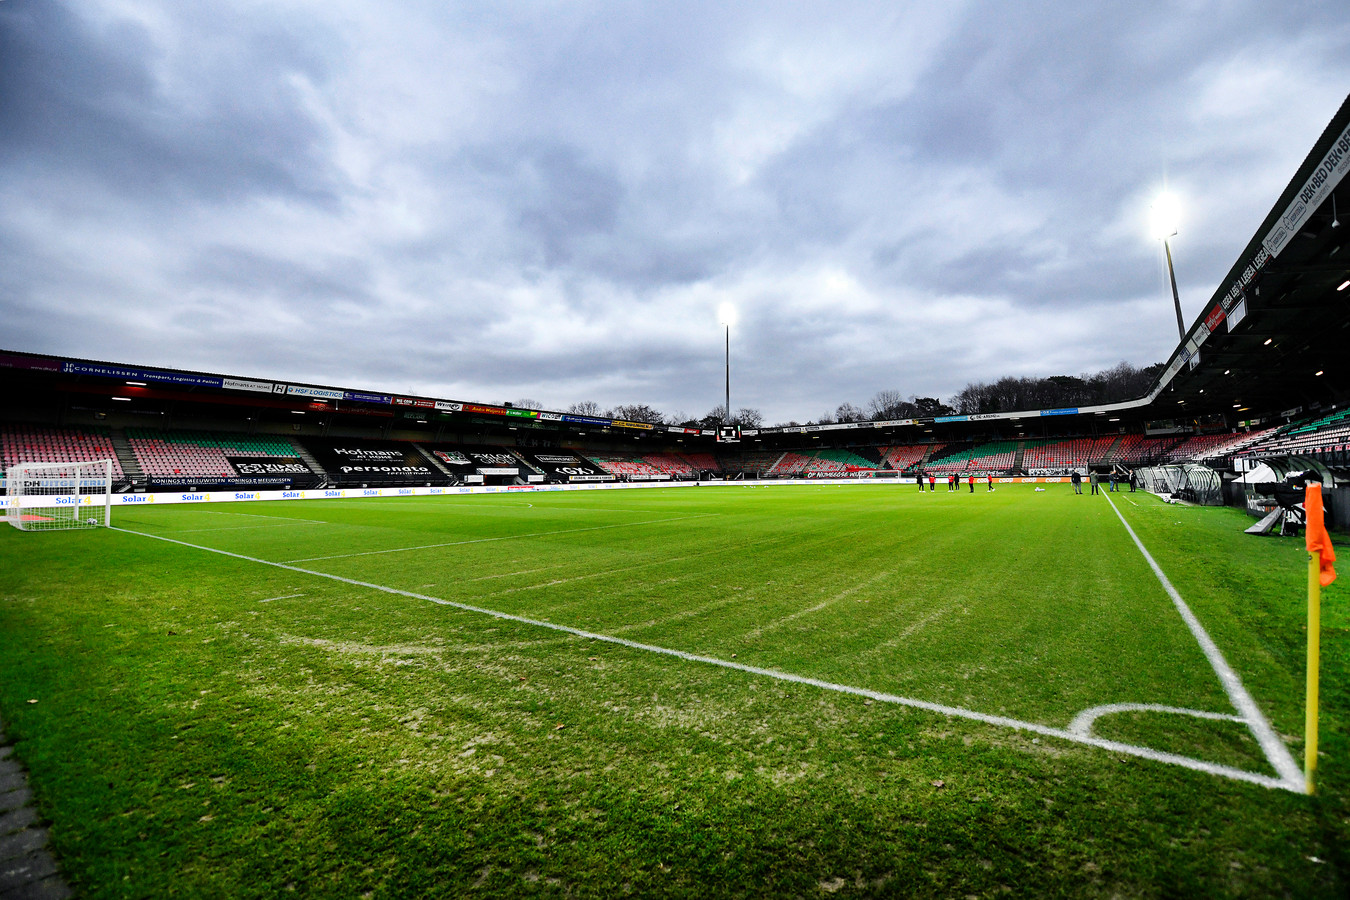 Stadion De Goffert van NEC. Donkere wolken pakken zich samen.